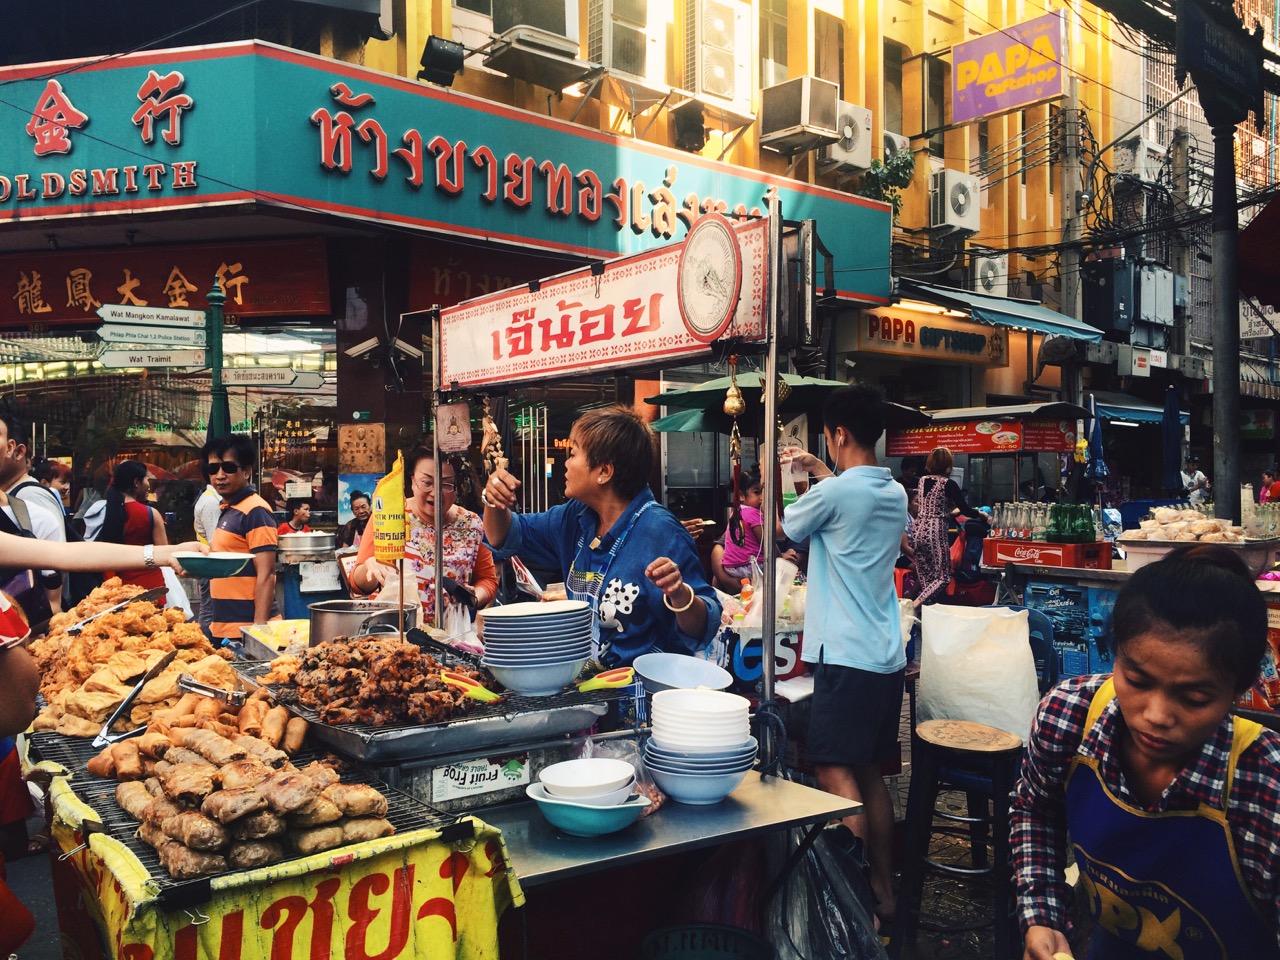 Путешествие по Таиланду, Бангкок: Толкучка в Чайнатауне